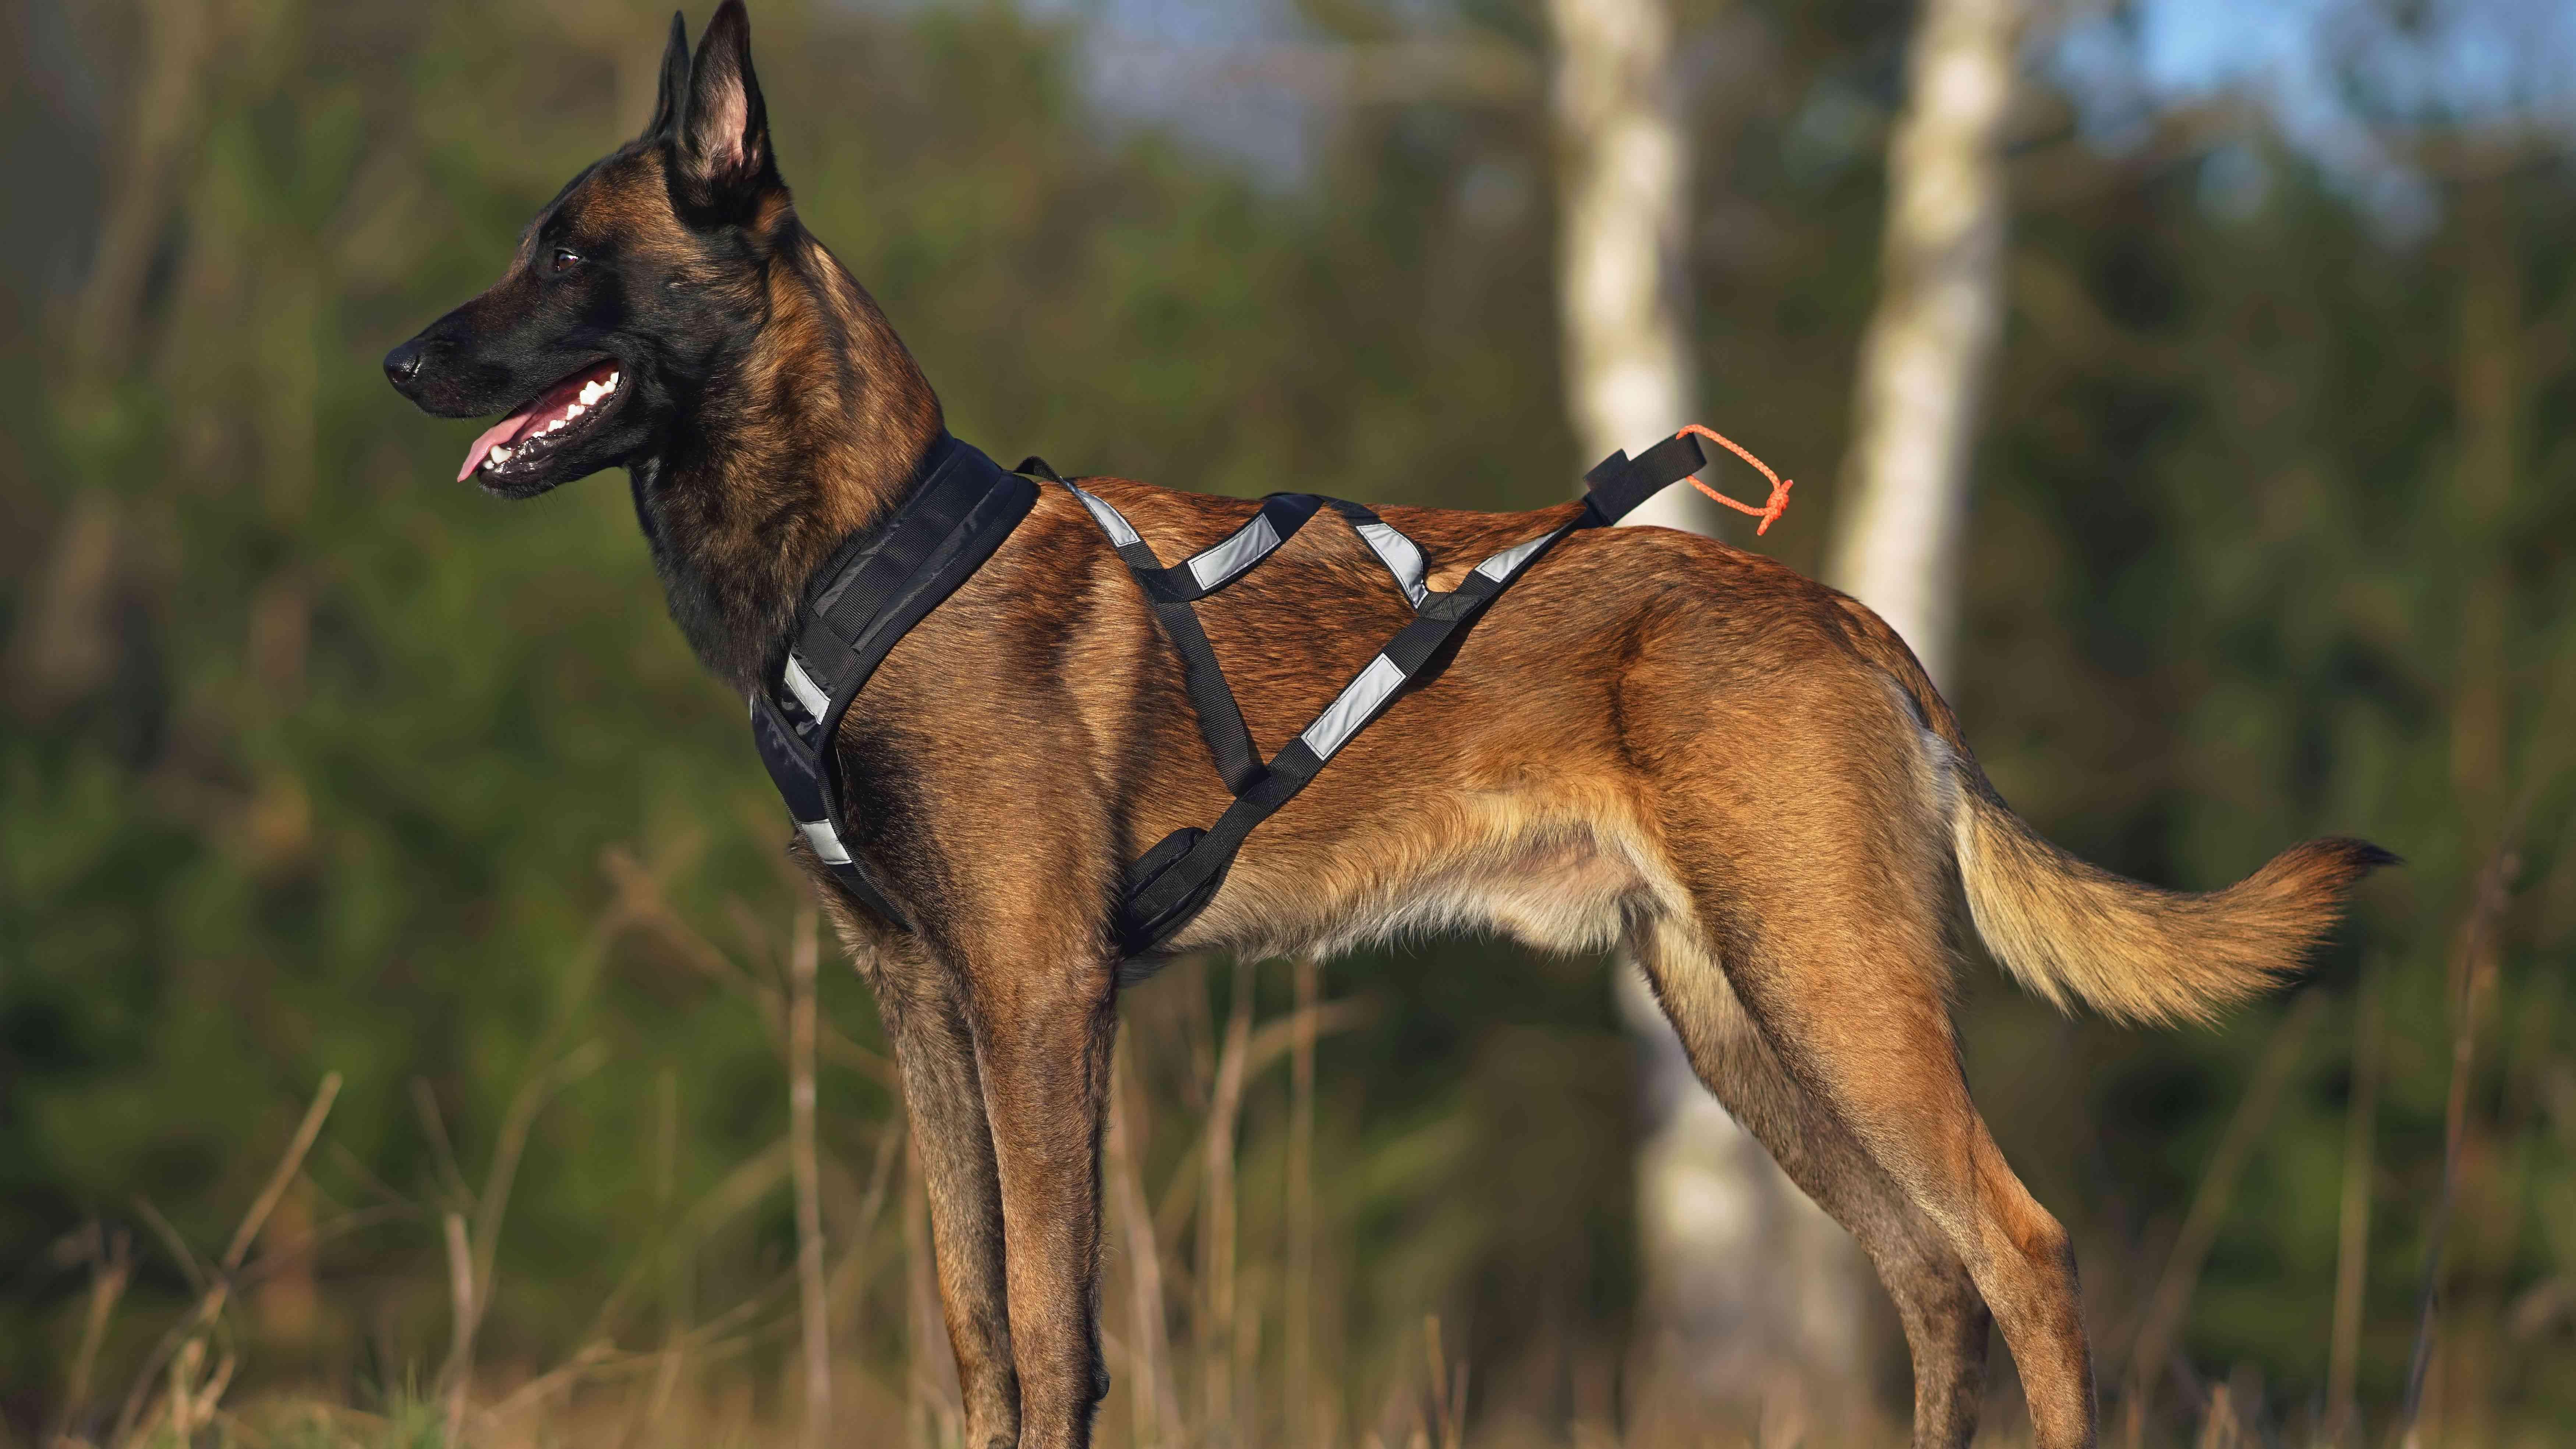 Collier et harnais pour chien  : comment choisir